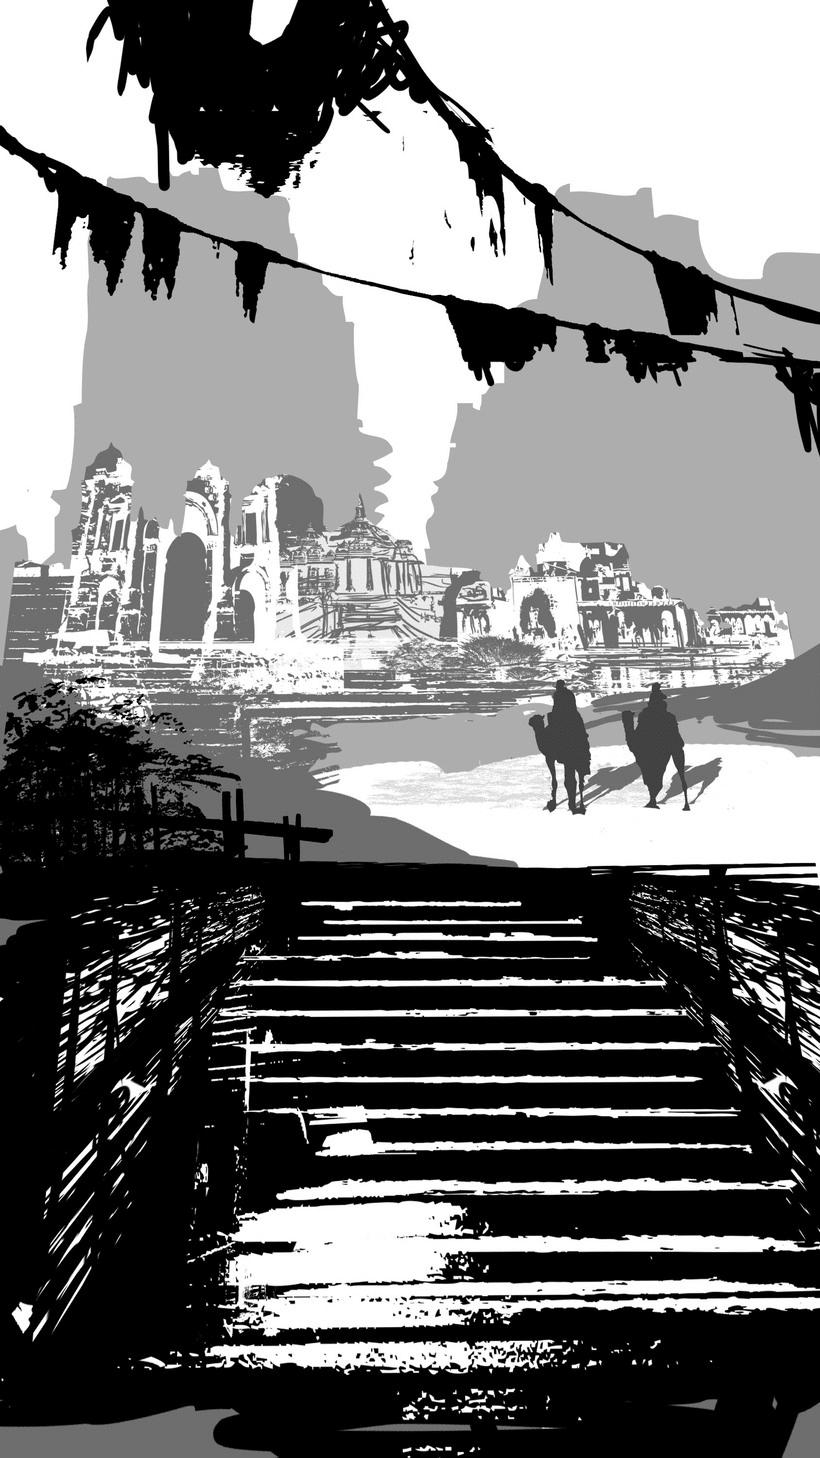 Mi Proyecto del curso: Concept art para videojuegos 1